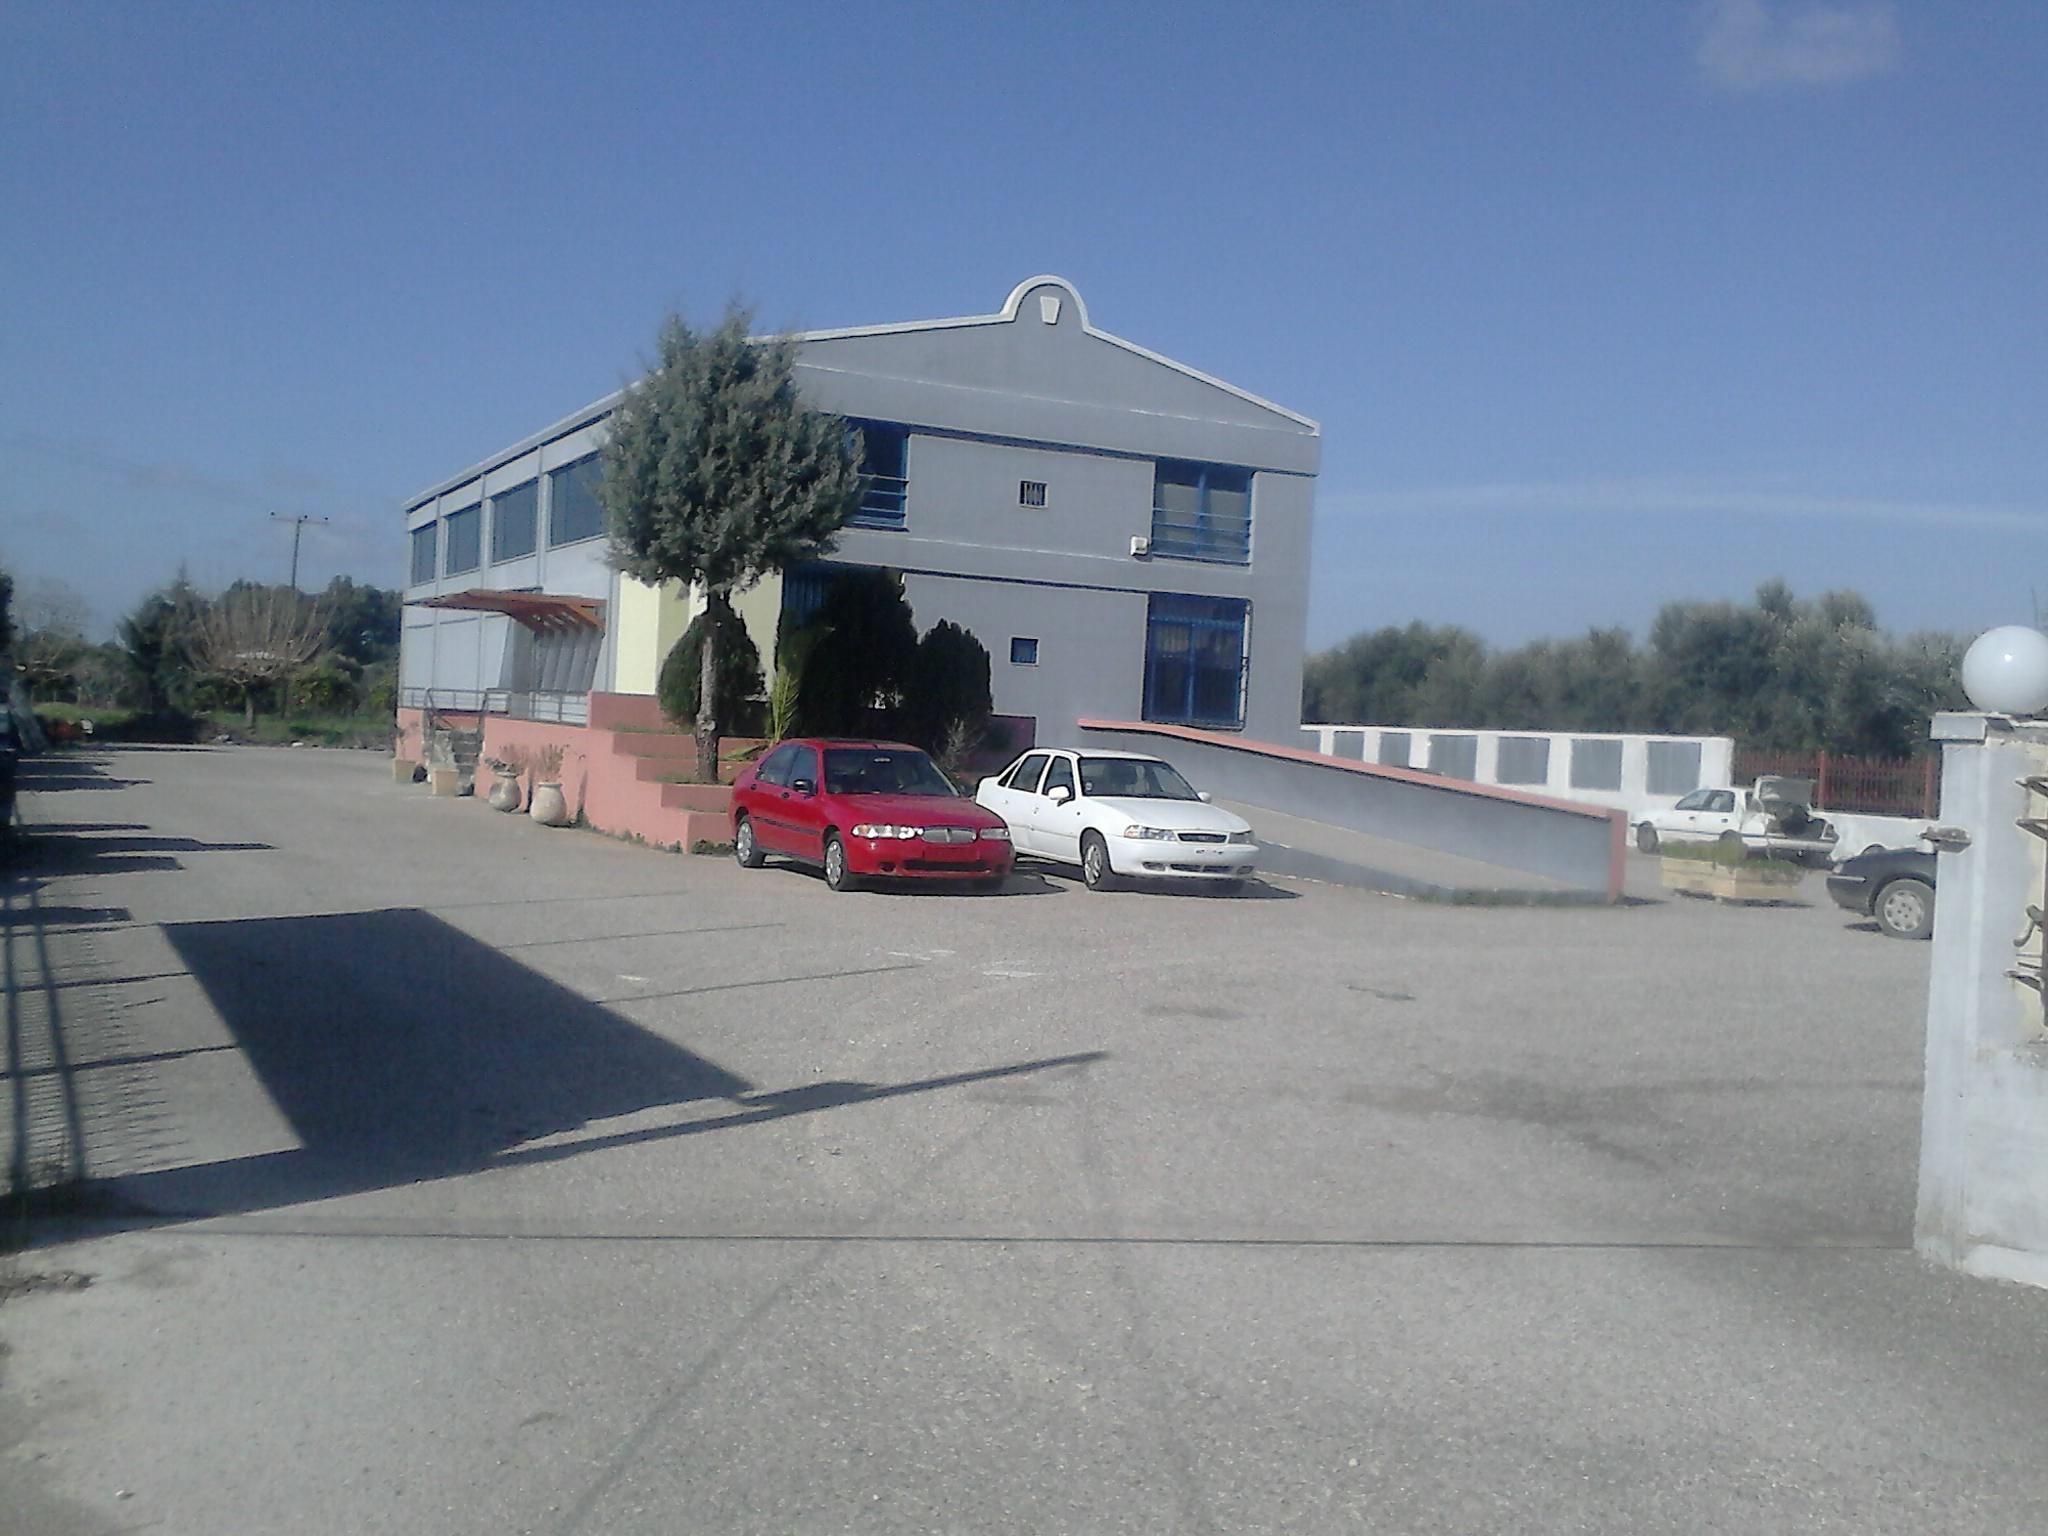 ΑΜΑΛΙΑΔΑ Επαγγελματικό κτίριο 350τμ στην είσοδο της Αμαλιάδας